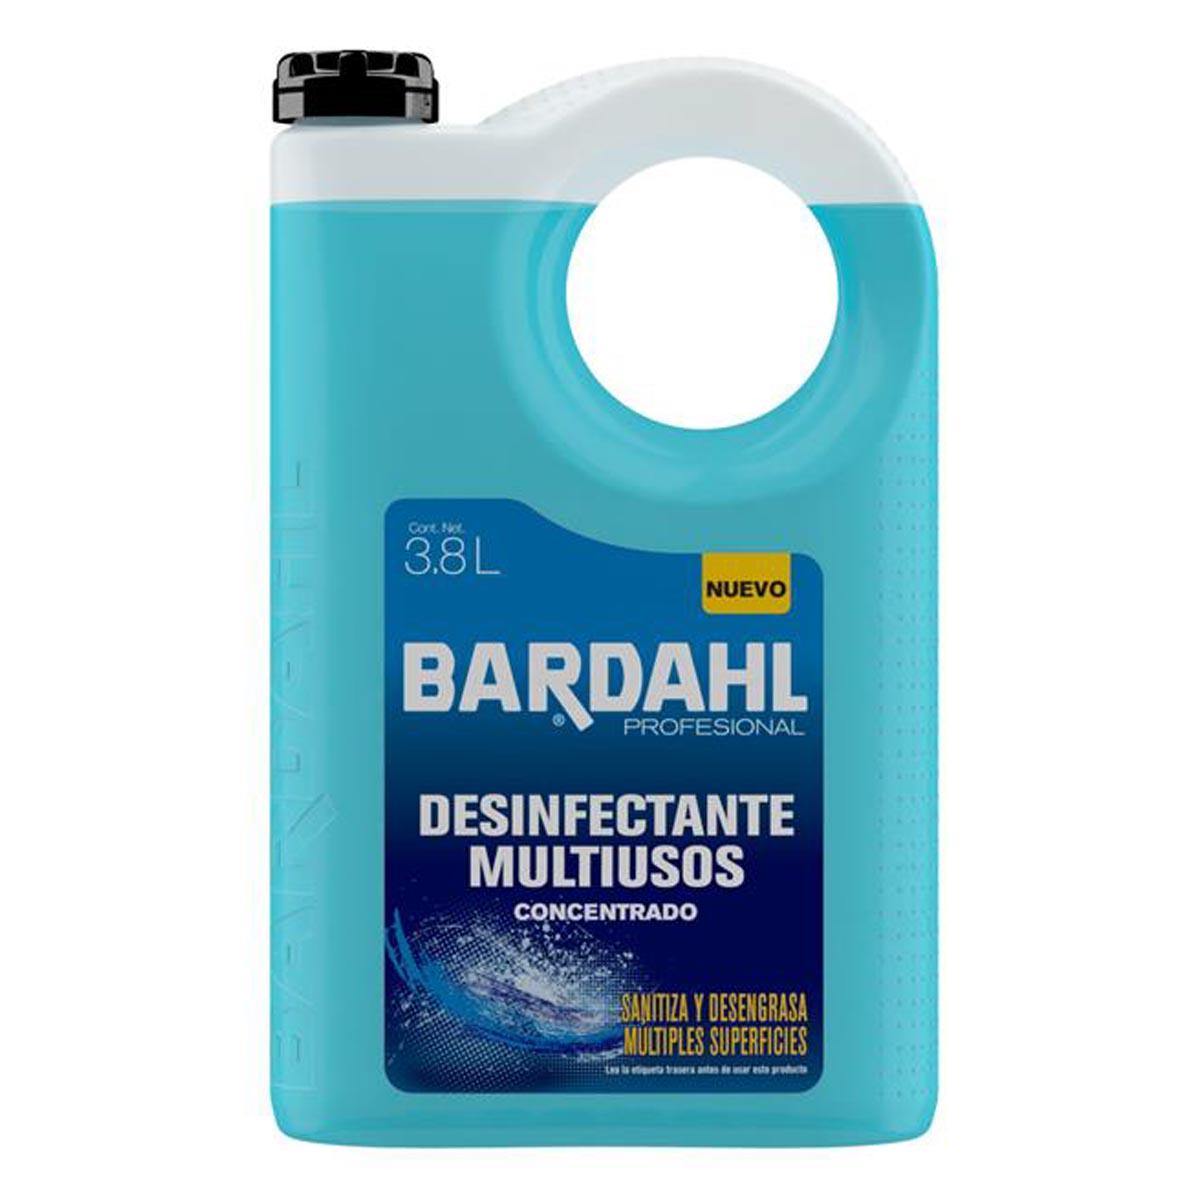 Desinfectante Multiusos Industrial Concentrado 3.7L Bardahl